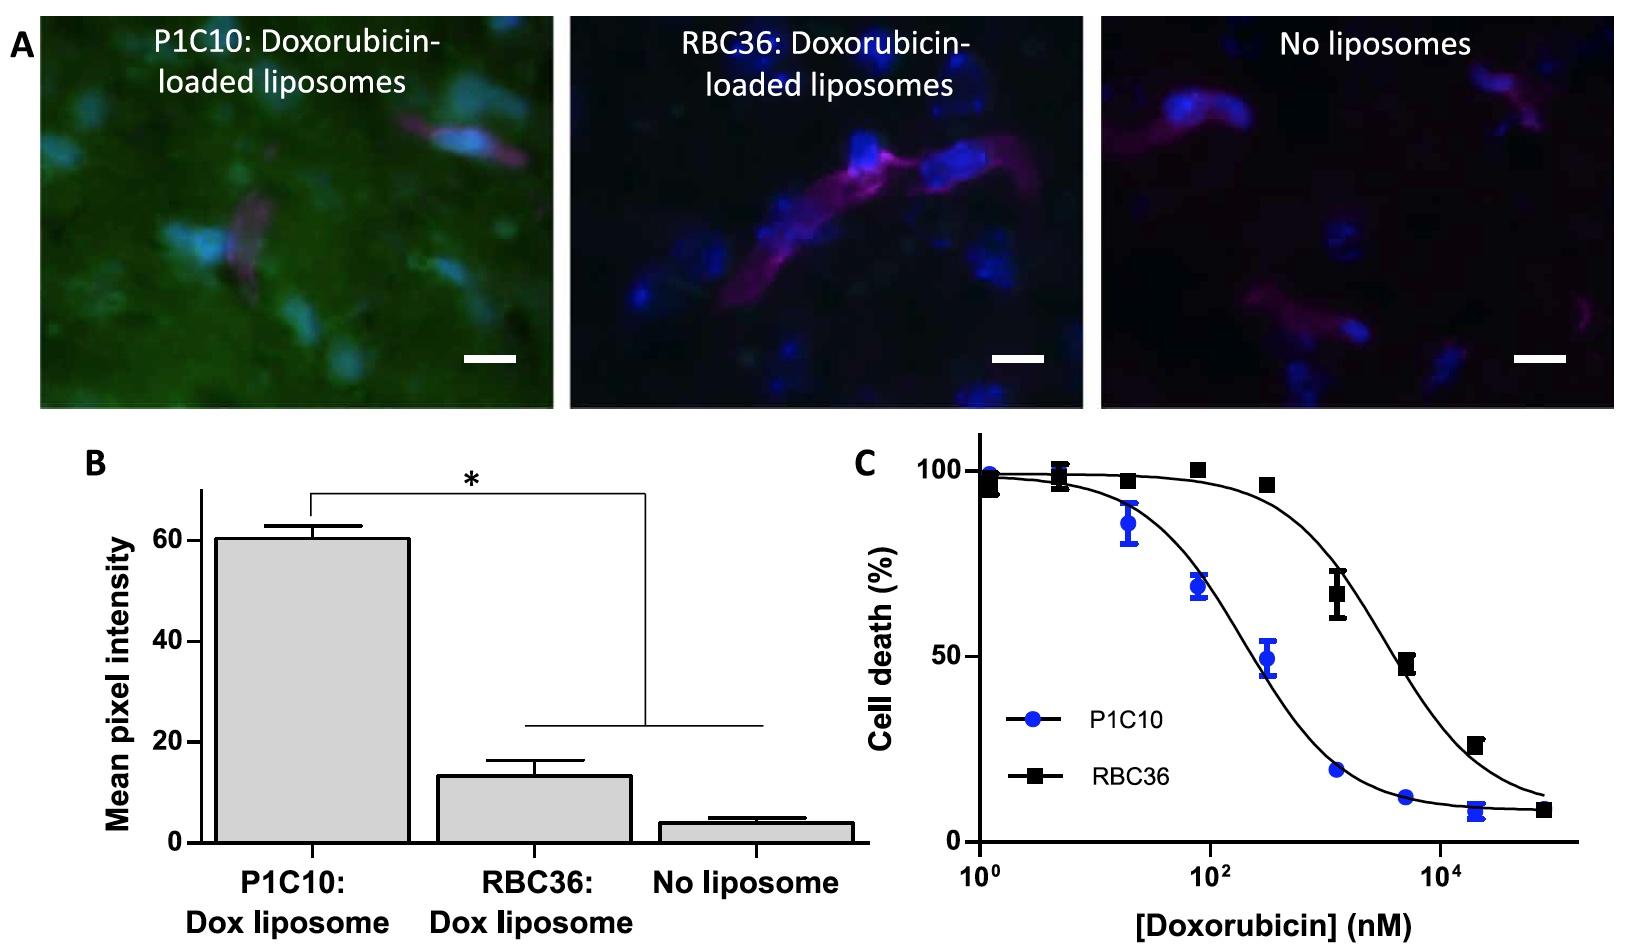 Вред во благо: иммунная система миноги в борьбе с раком головного мозга человека - 9